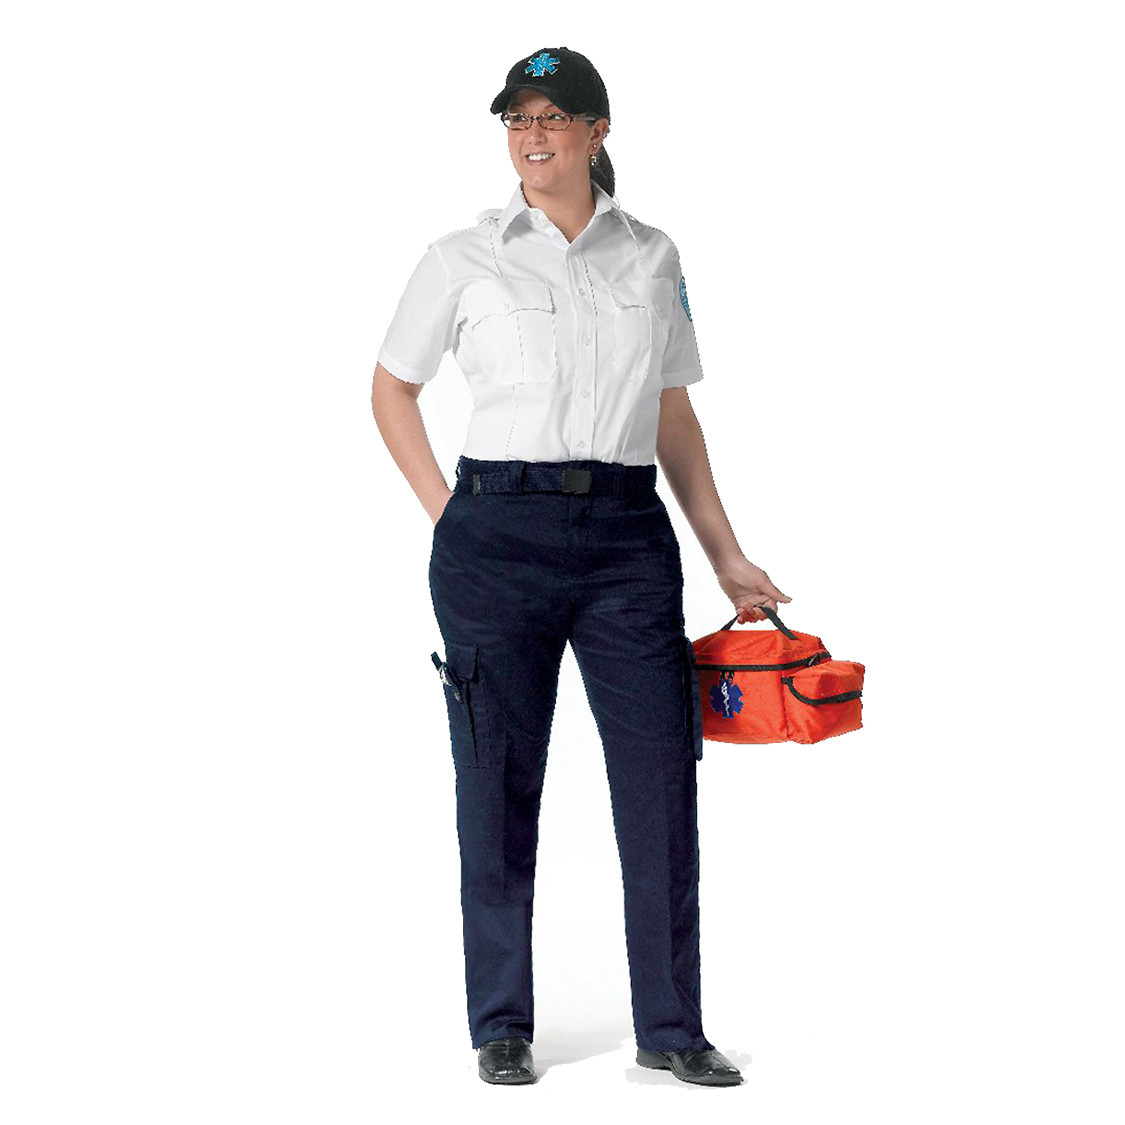 a3e8a4fb124 Shop Womens Navy EMT Uniform Pants - Fatigues Army Navy Gear